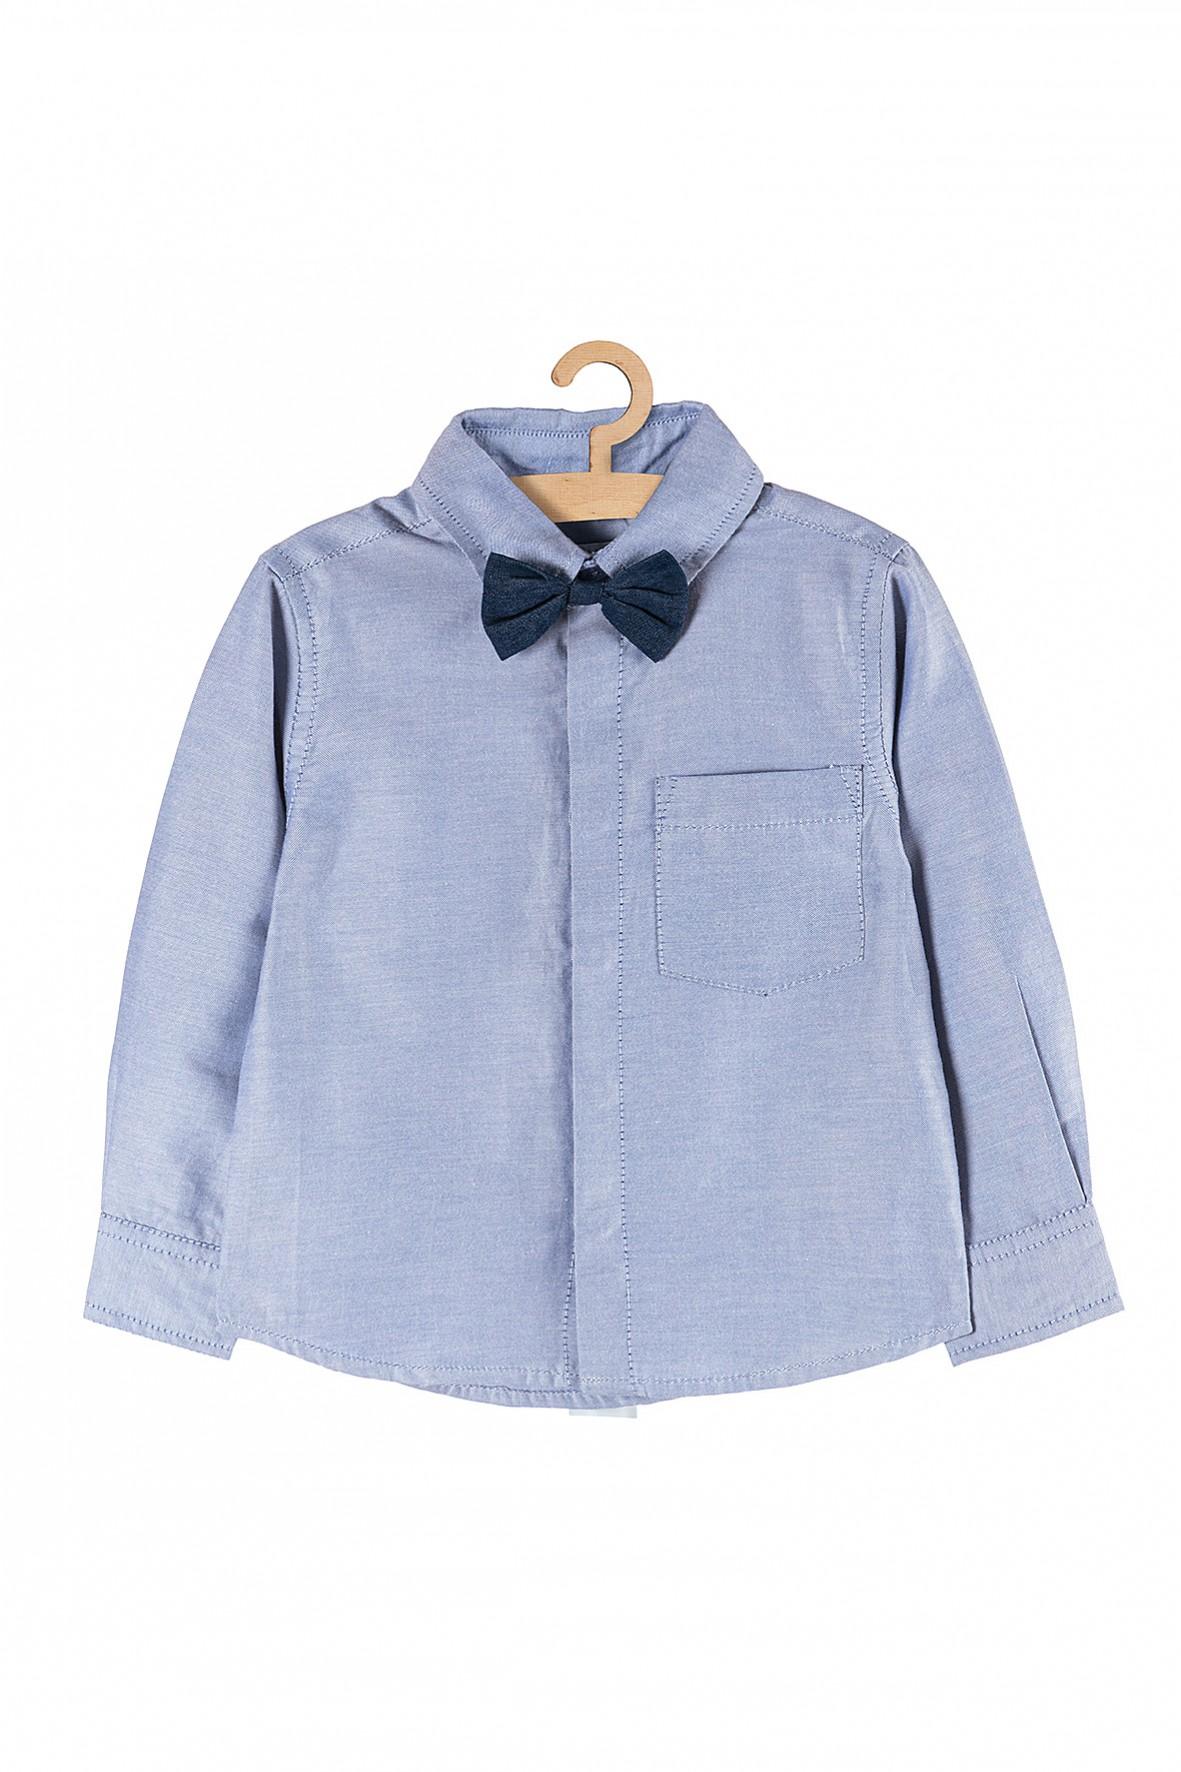 Elegancka koszula dla chłopięca- niebieska z granatową muchą